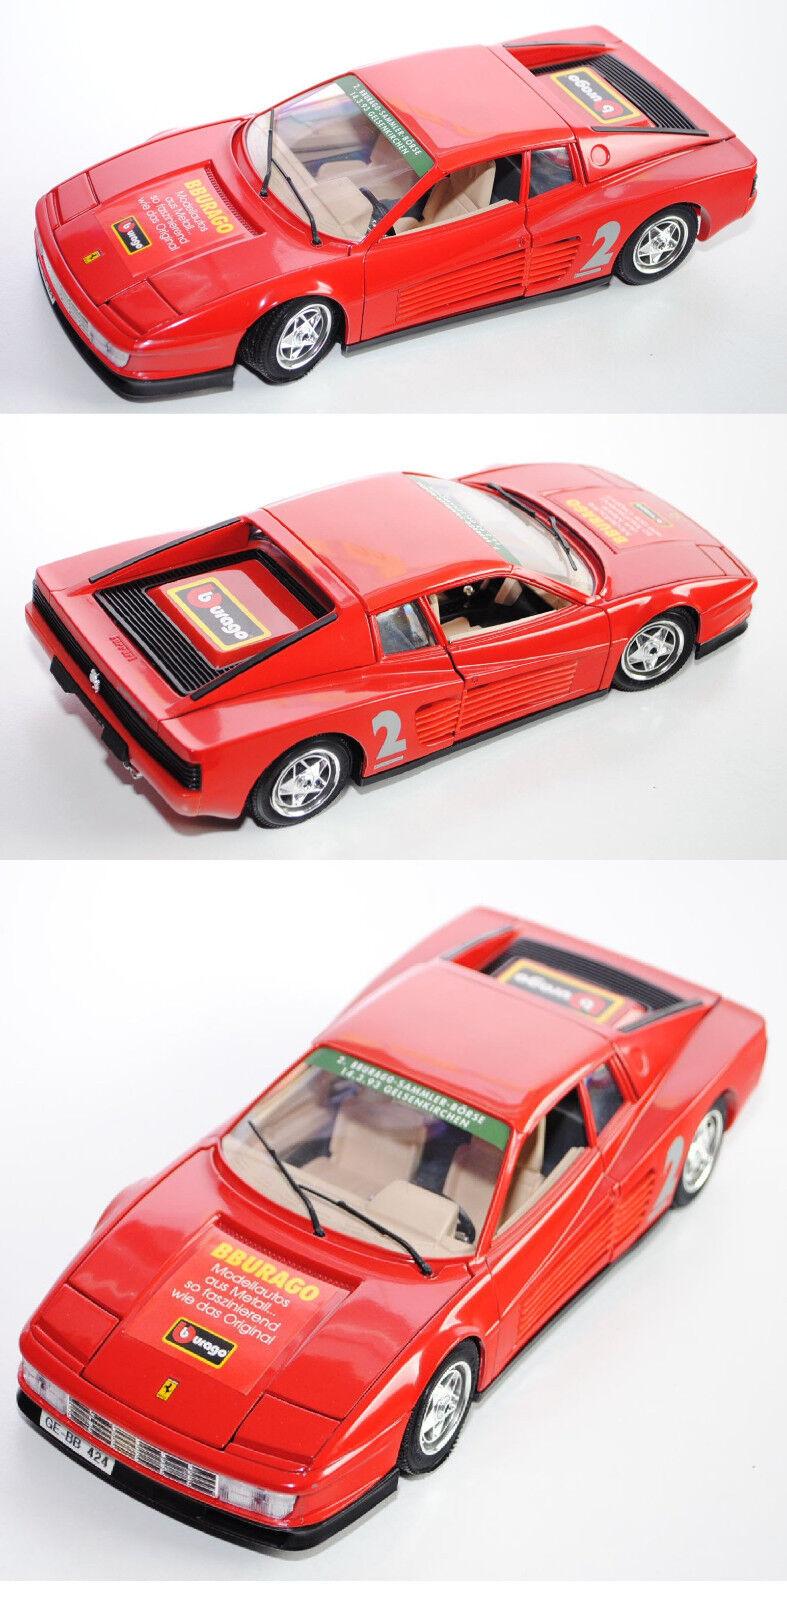 Bburago 3019 Ferrari Testarossa (1984), 1 18, Sondermodell